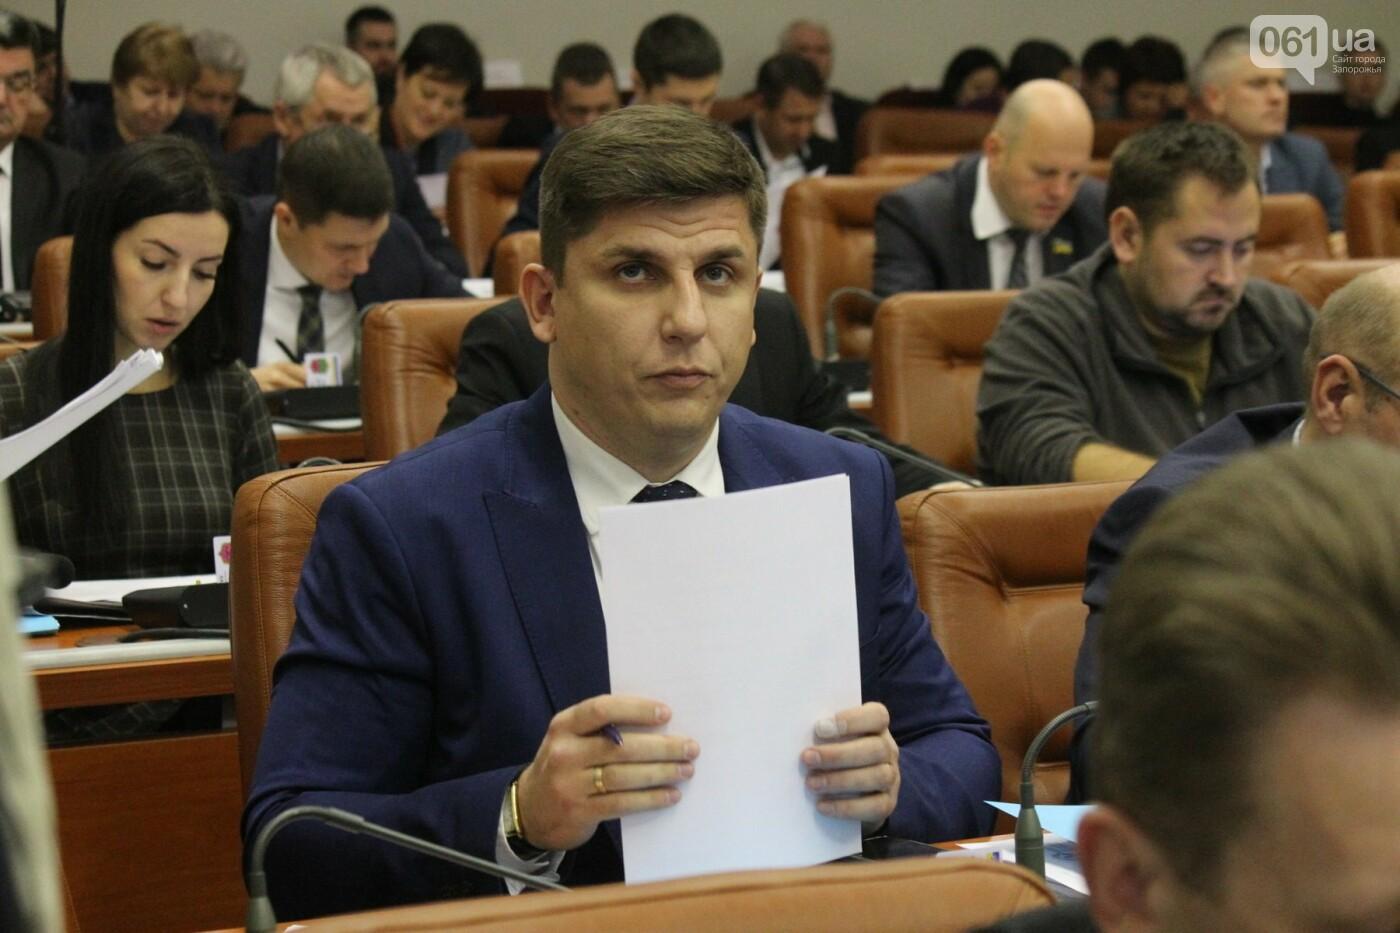 Об инвестициях, ЖКХ и управляющих компаниях: интервью депутата Дмитрия Серого, фото-3